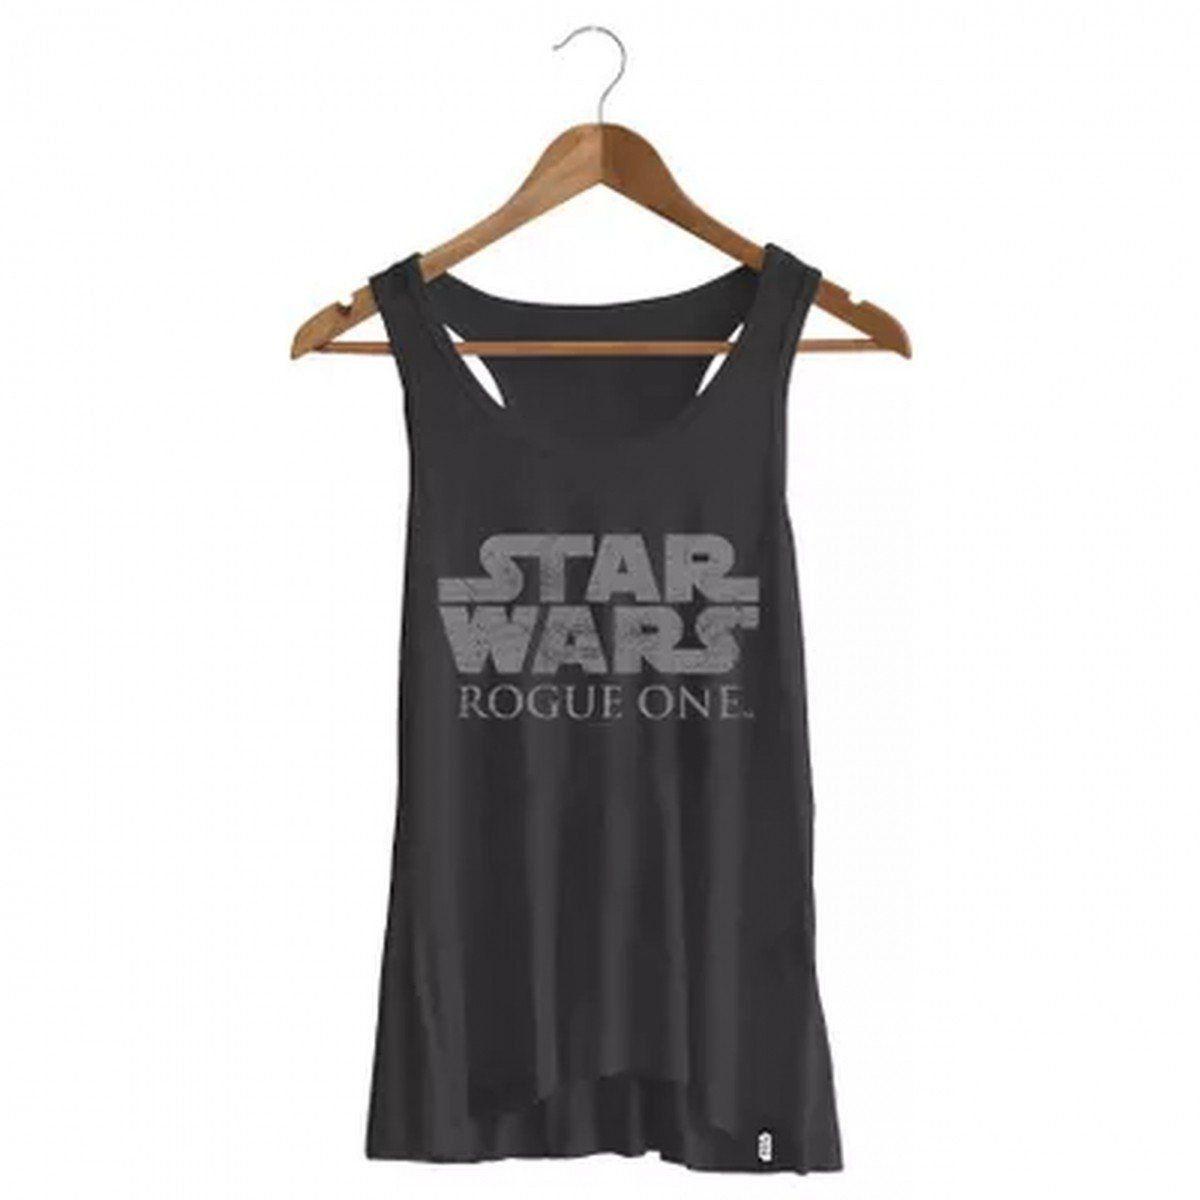 Camiseta Feminina Regata Logo Star Wars: Rogue One - Studio Geek